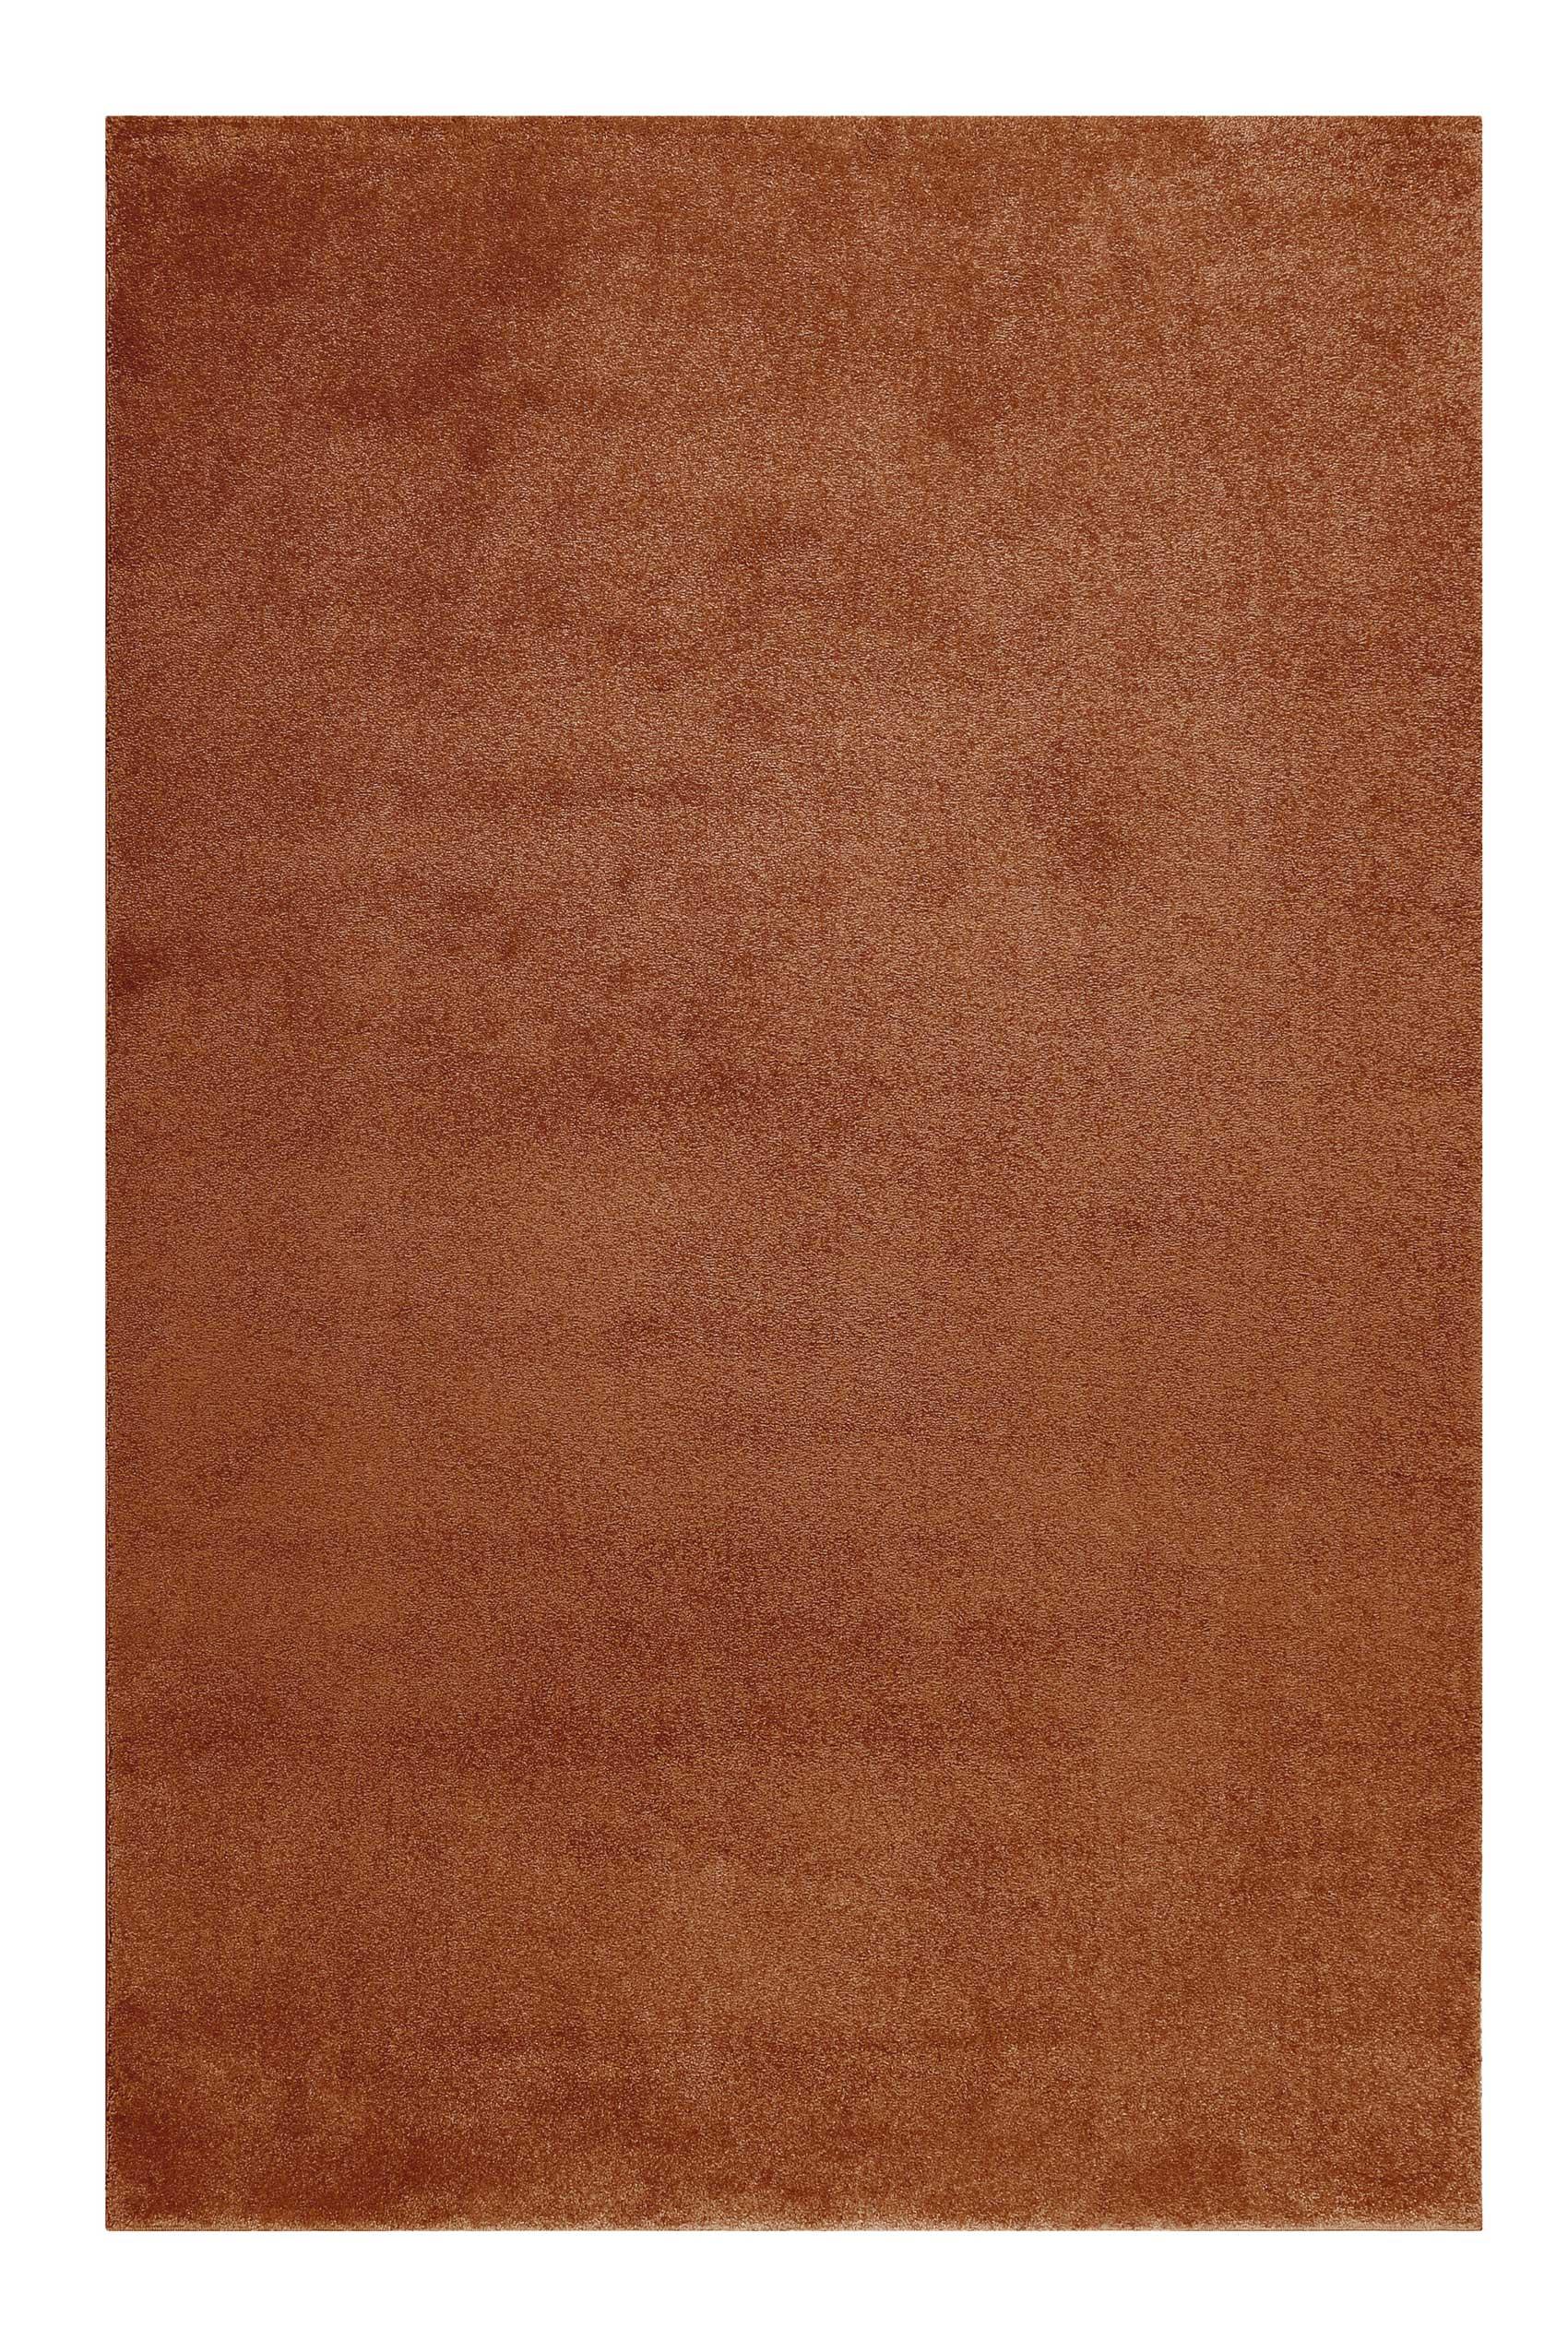 Tapis brique chiné 120x170